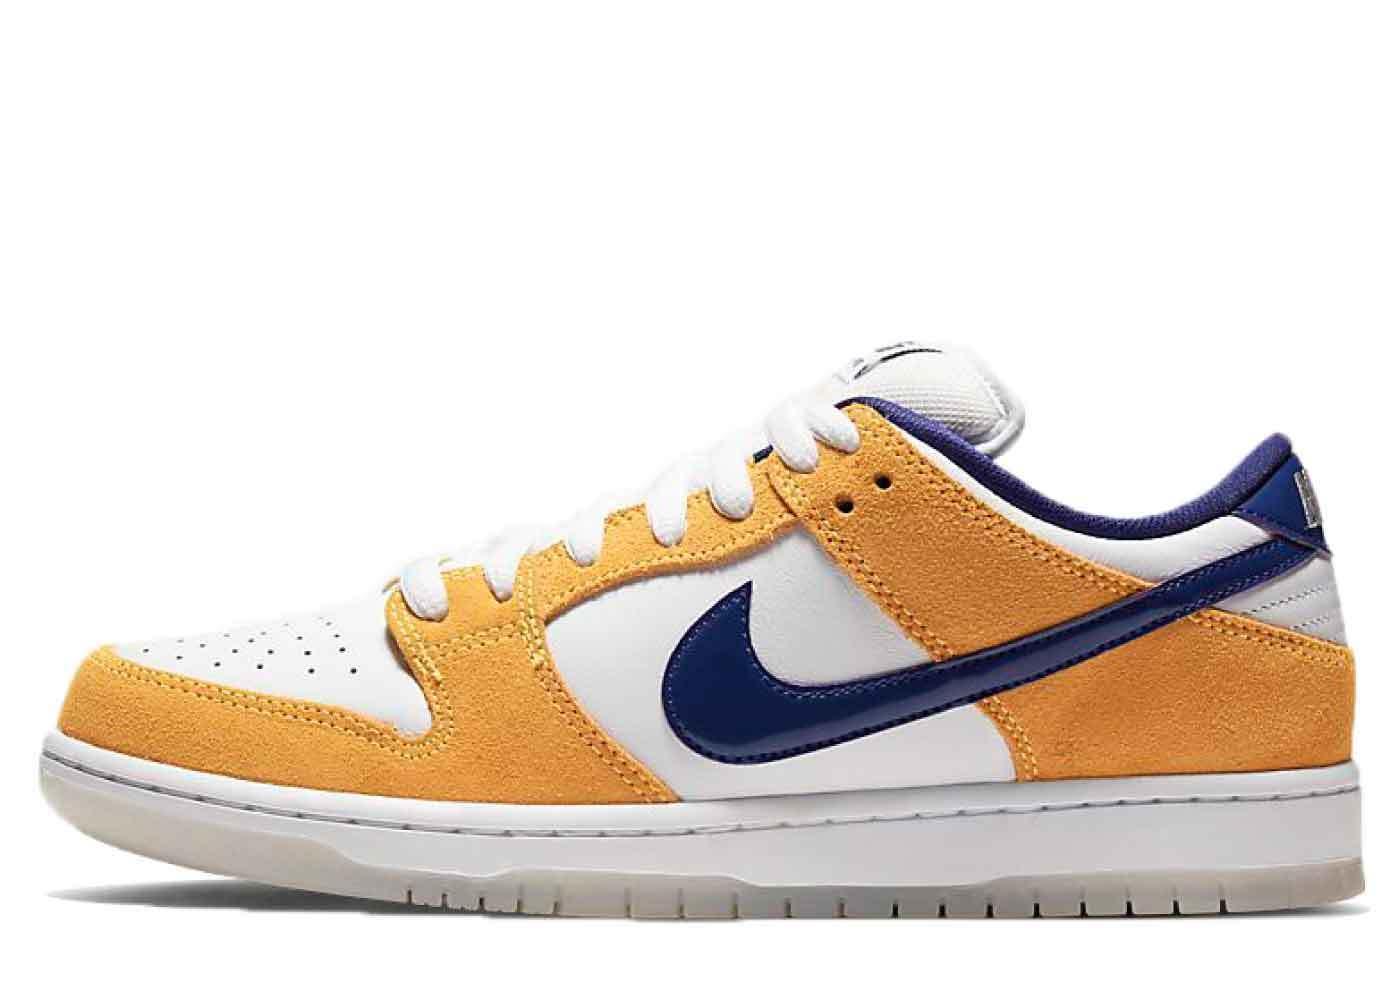 Nike SB Dunk Low Laser Orangeの写真